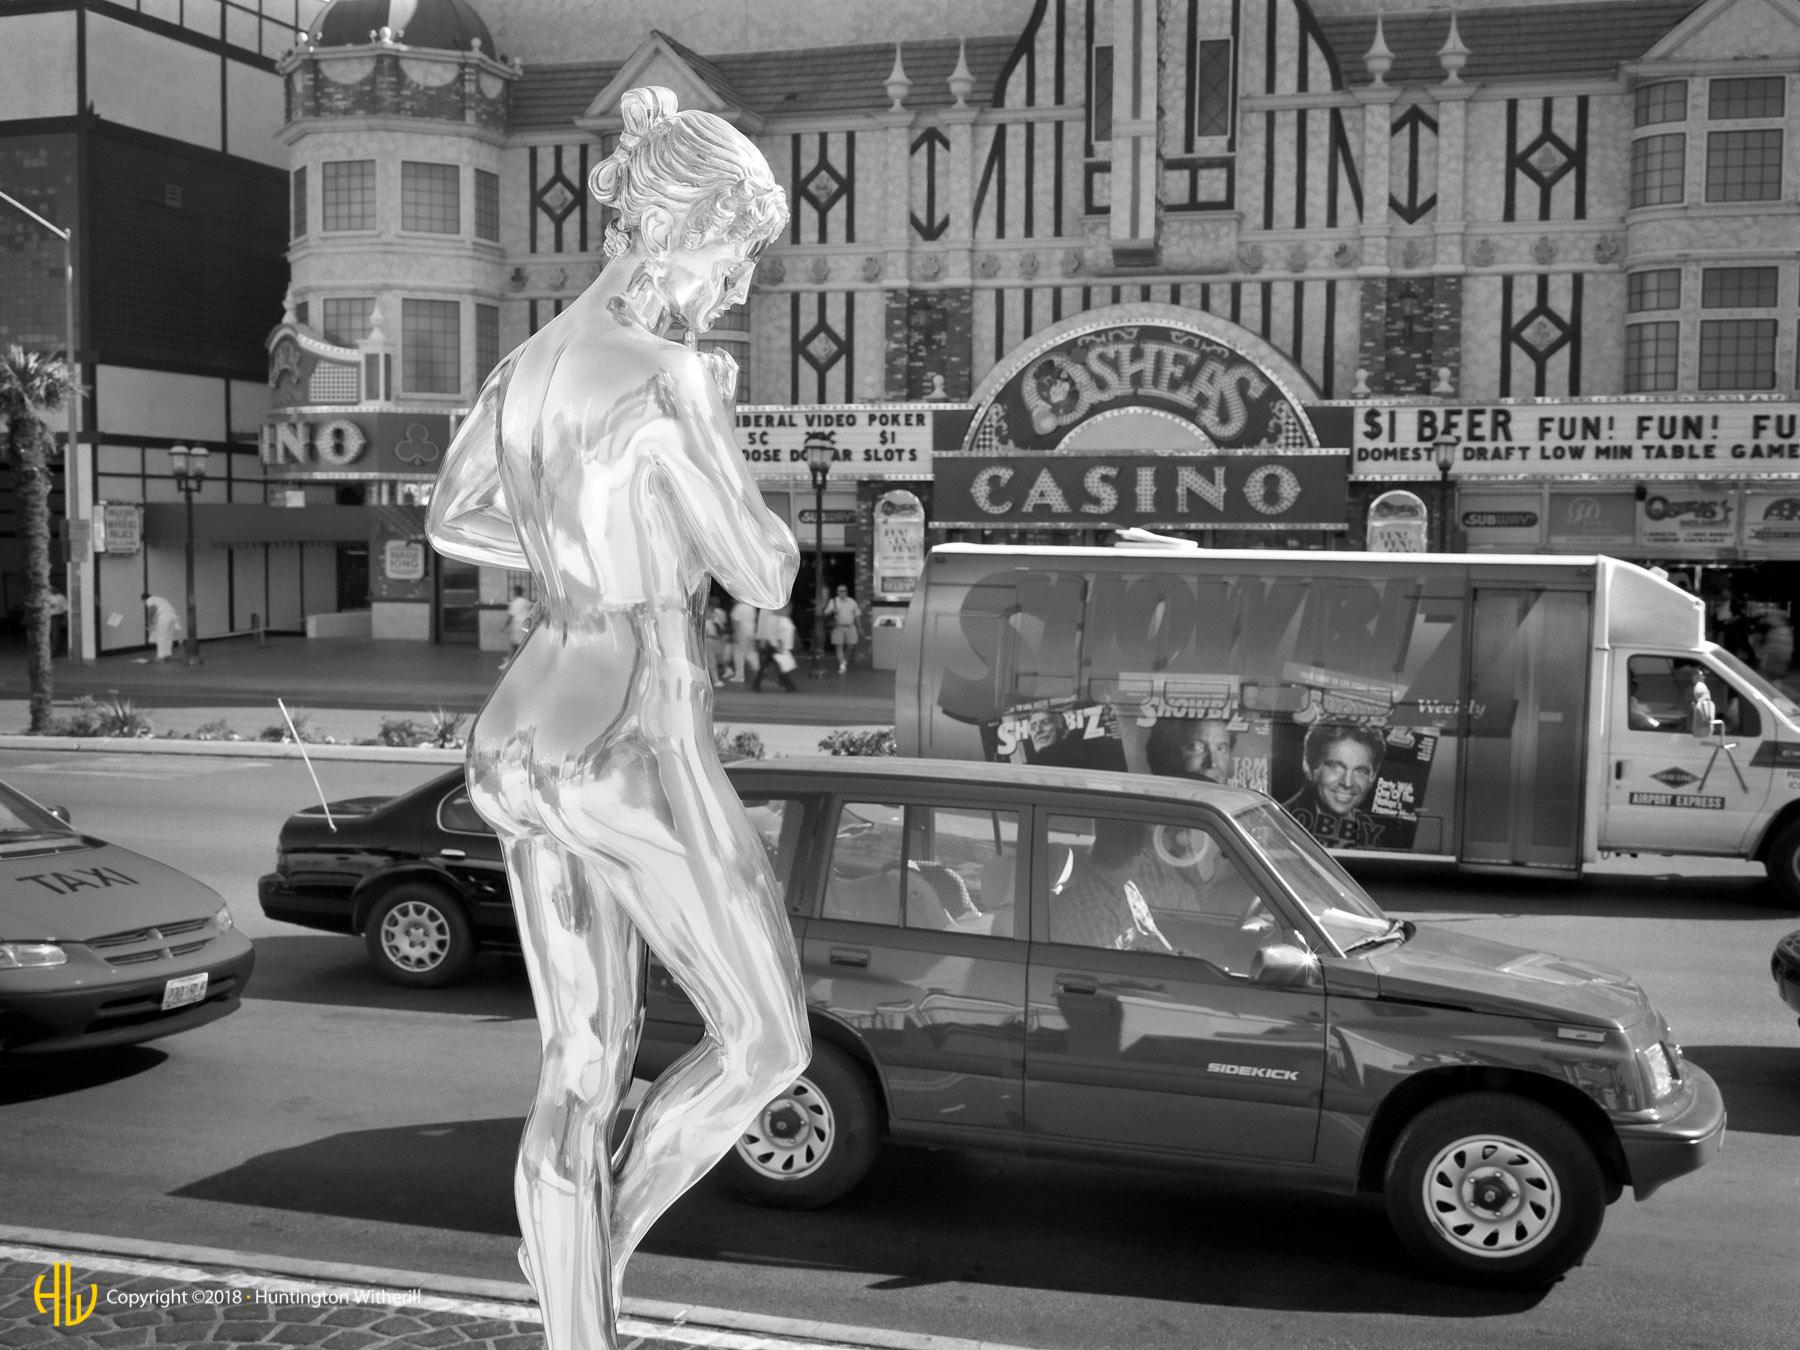 The Strip, Las Vegas, NV, 1998